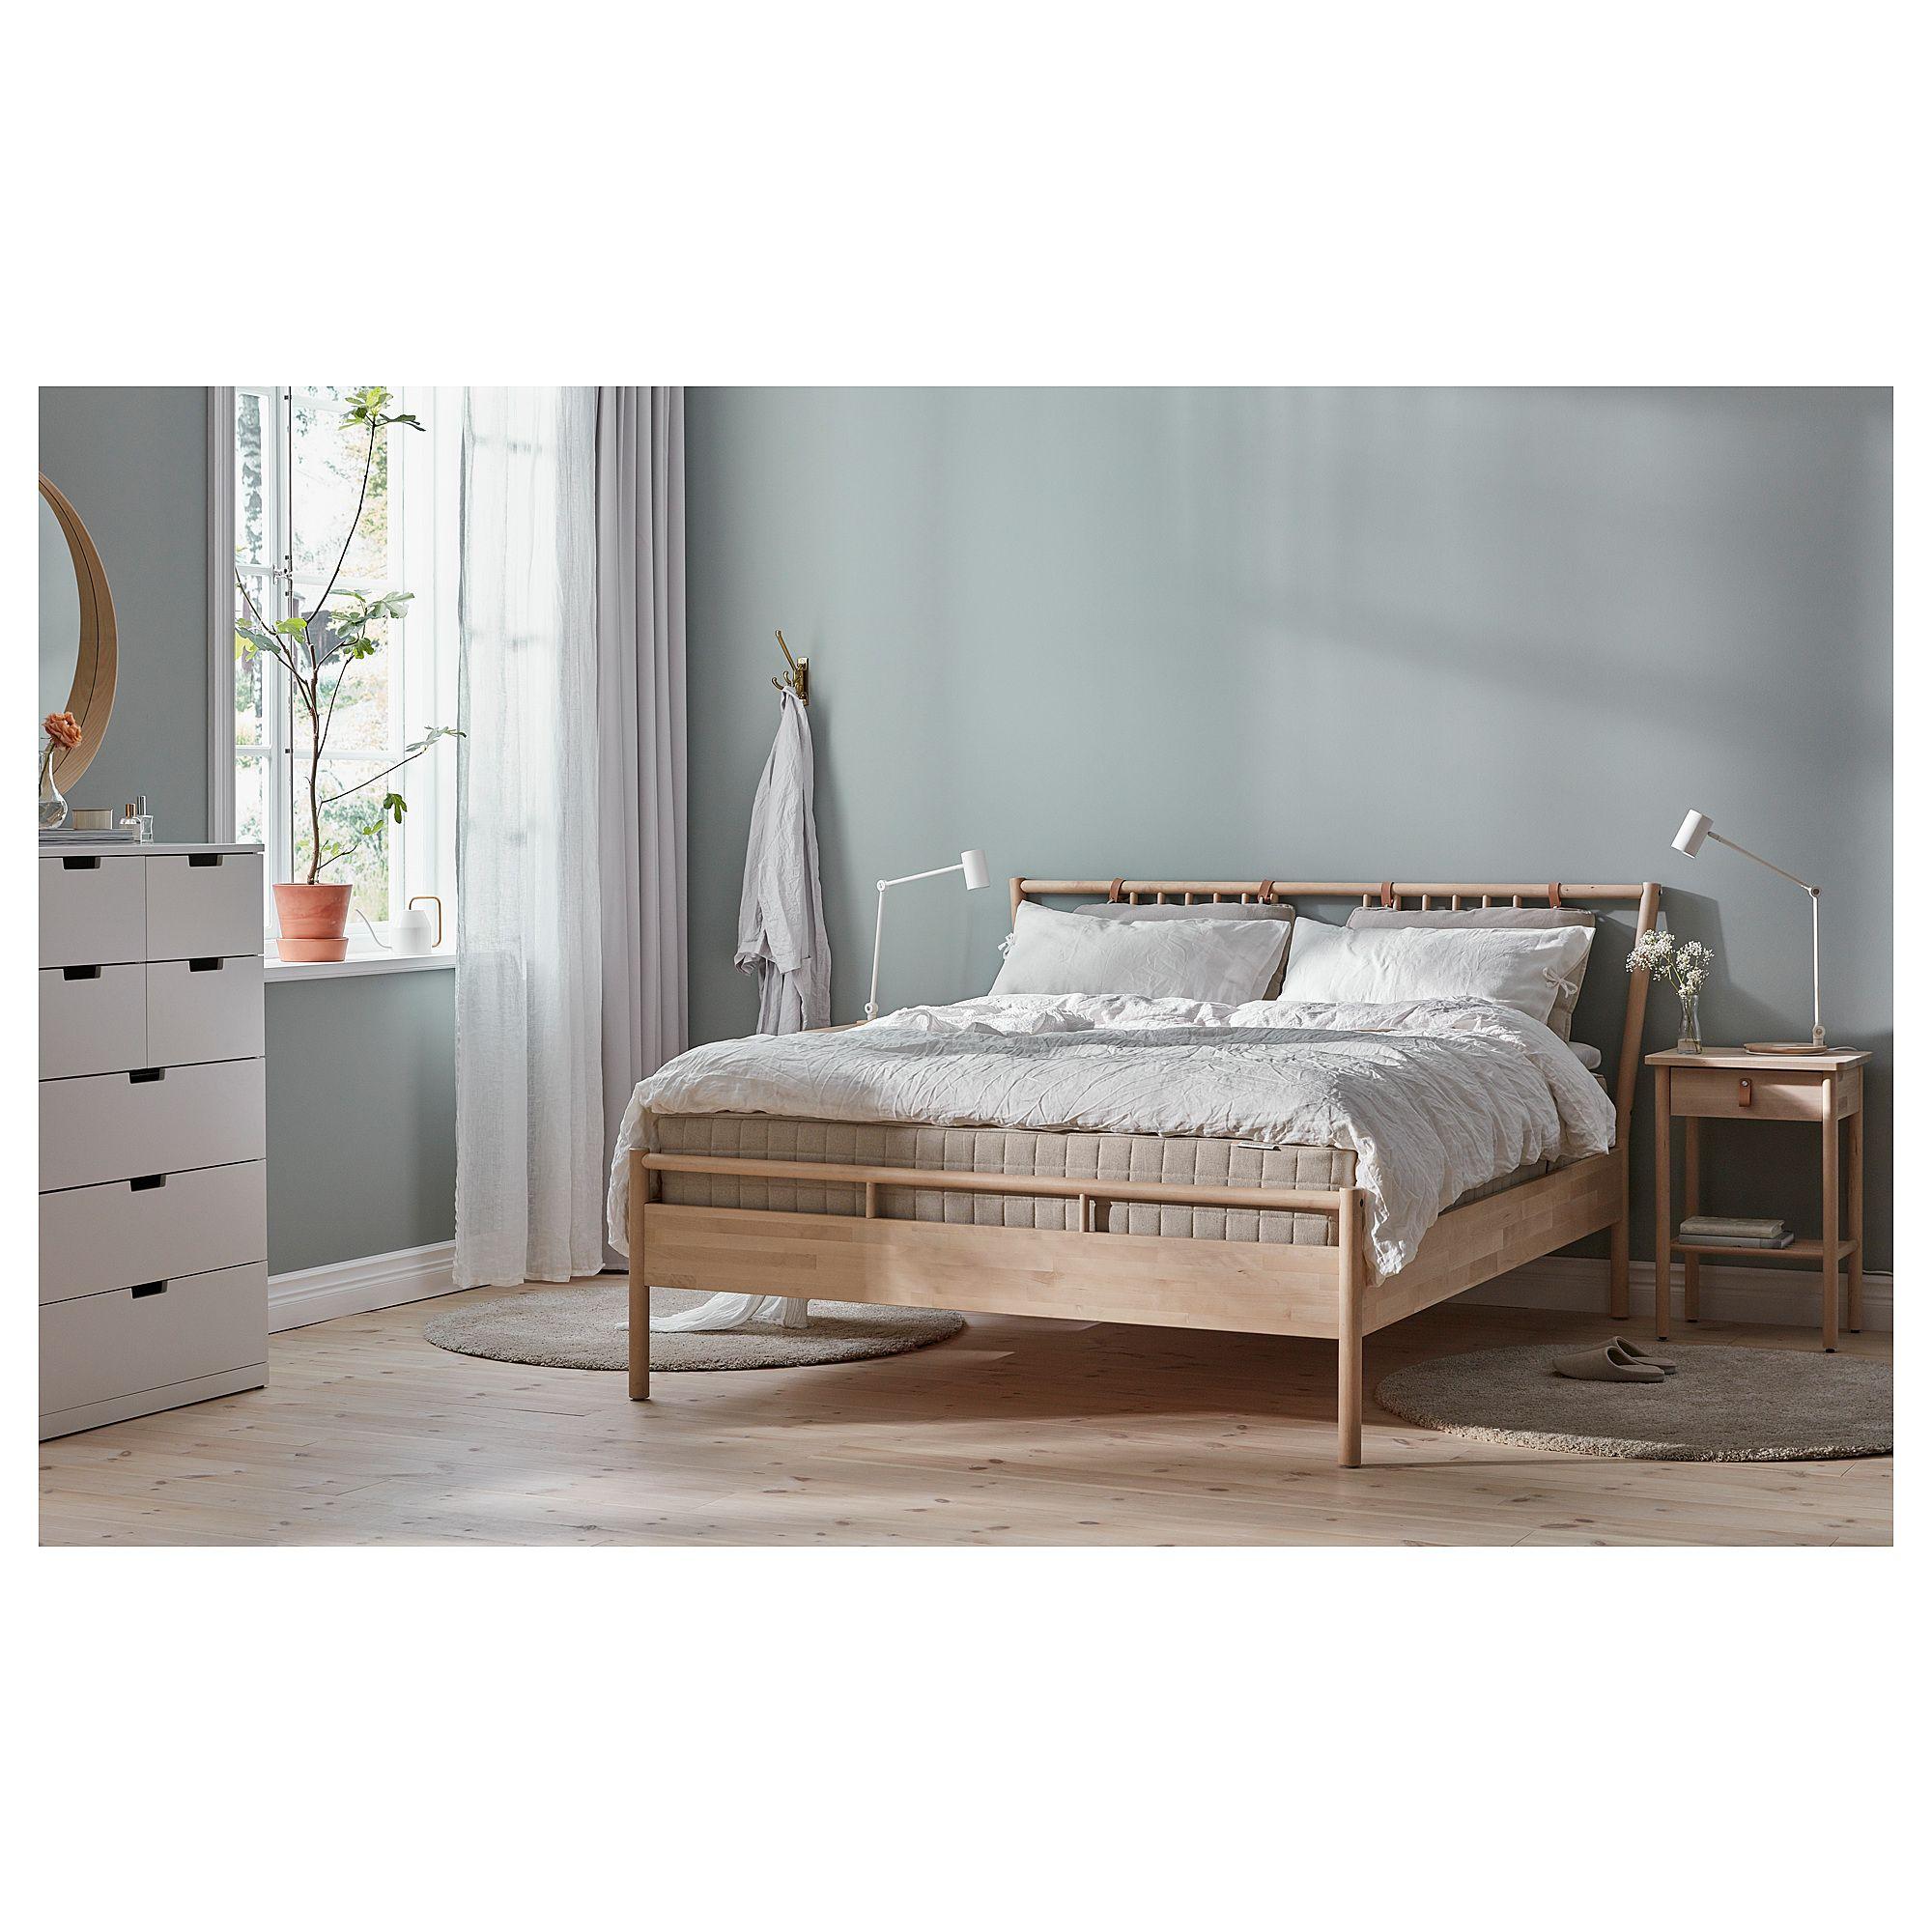 Bjorksnas Bed Frame Ikea Bed Frame Bed Slats Furniture